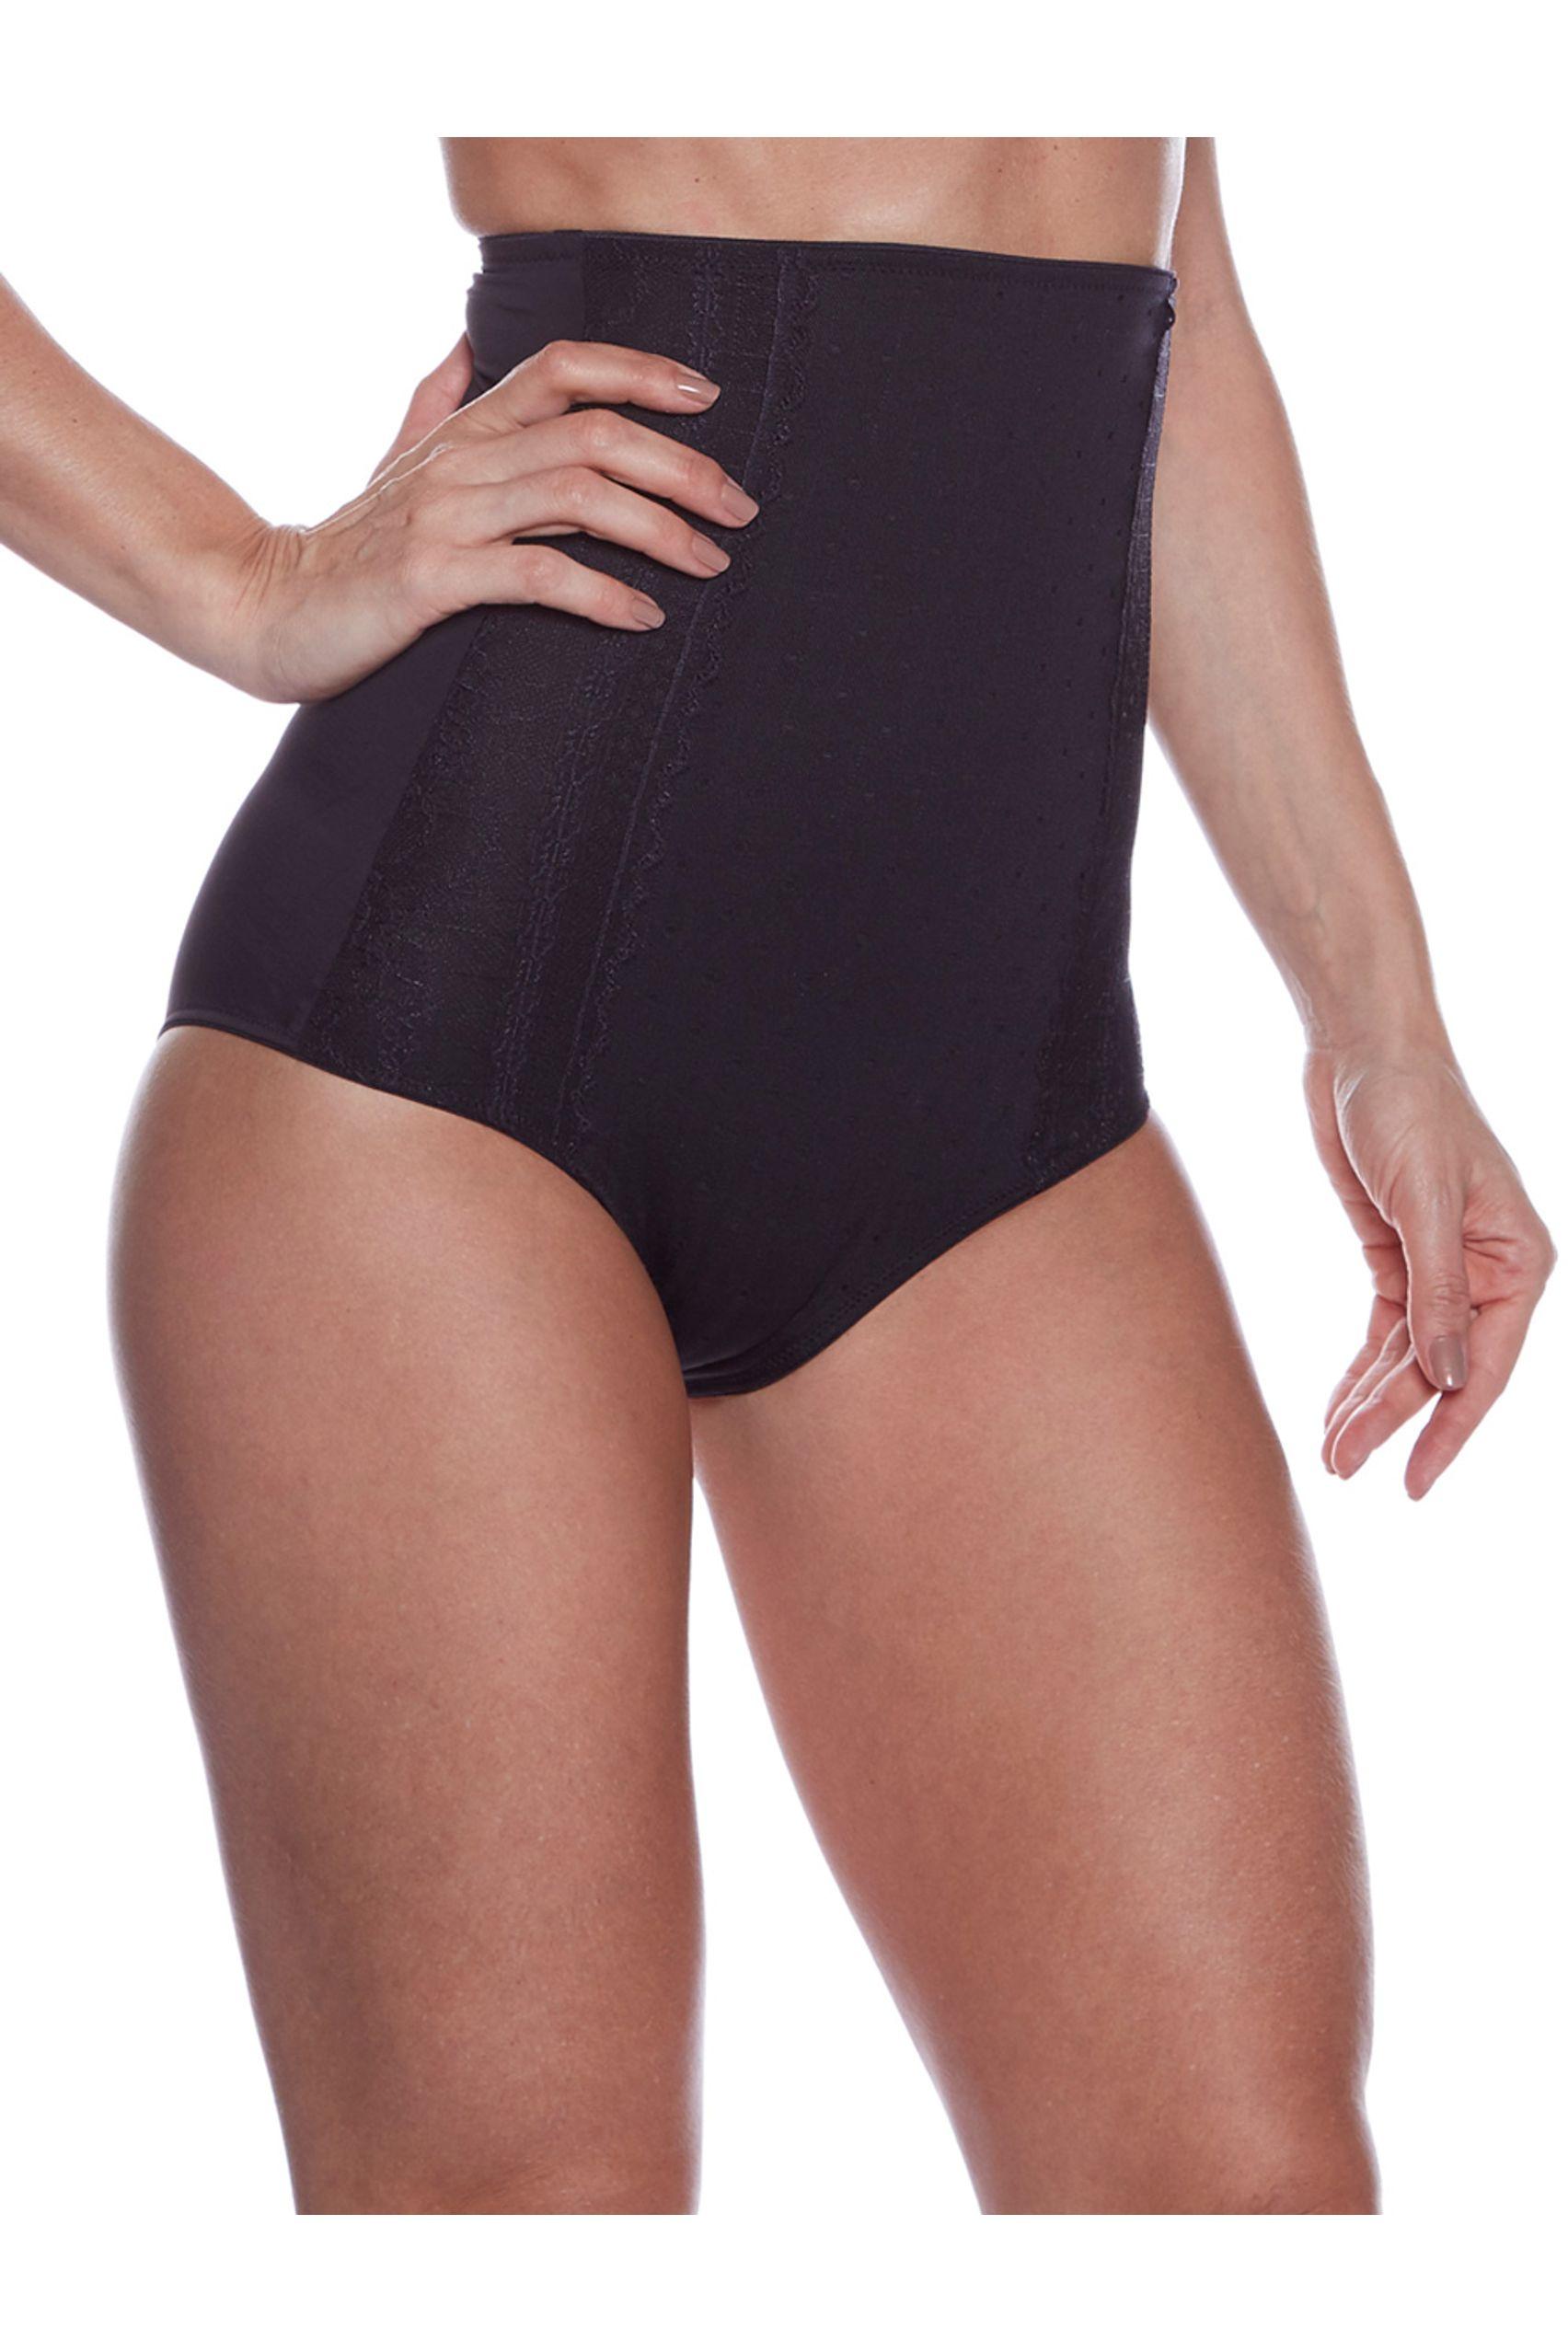 42366dff1 Calcinha Modeladora High Waist Panty Lace Sensation 29318 - triumph